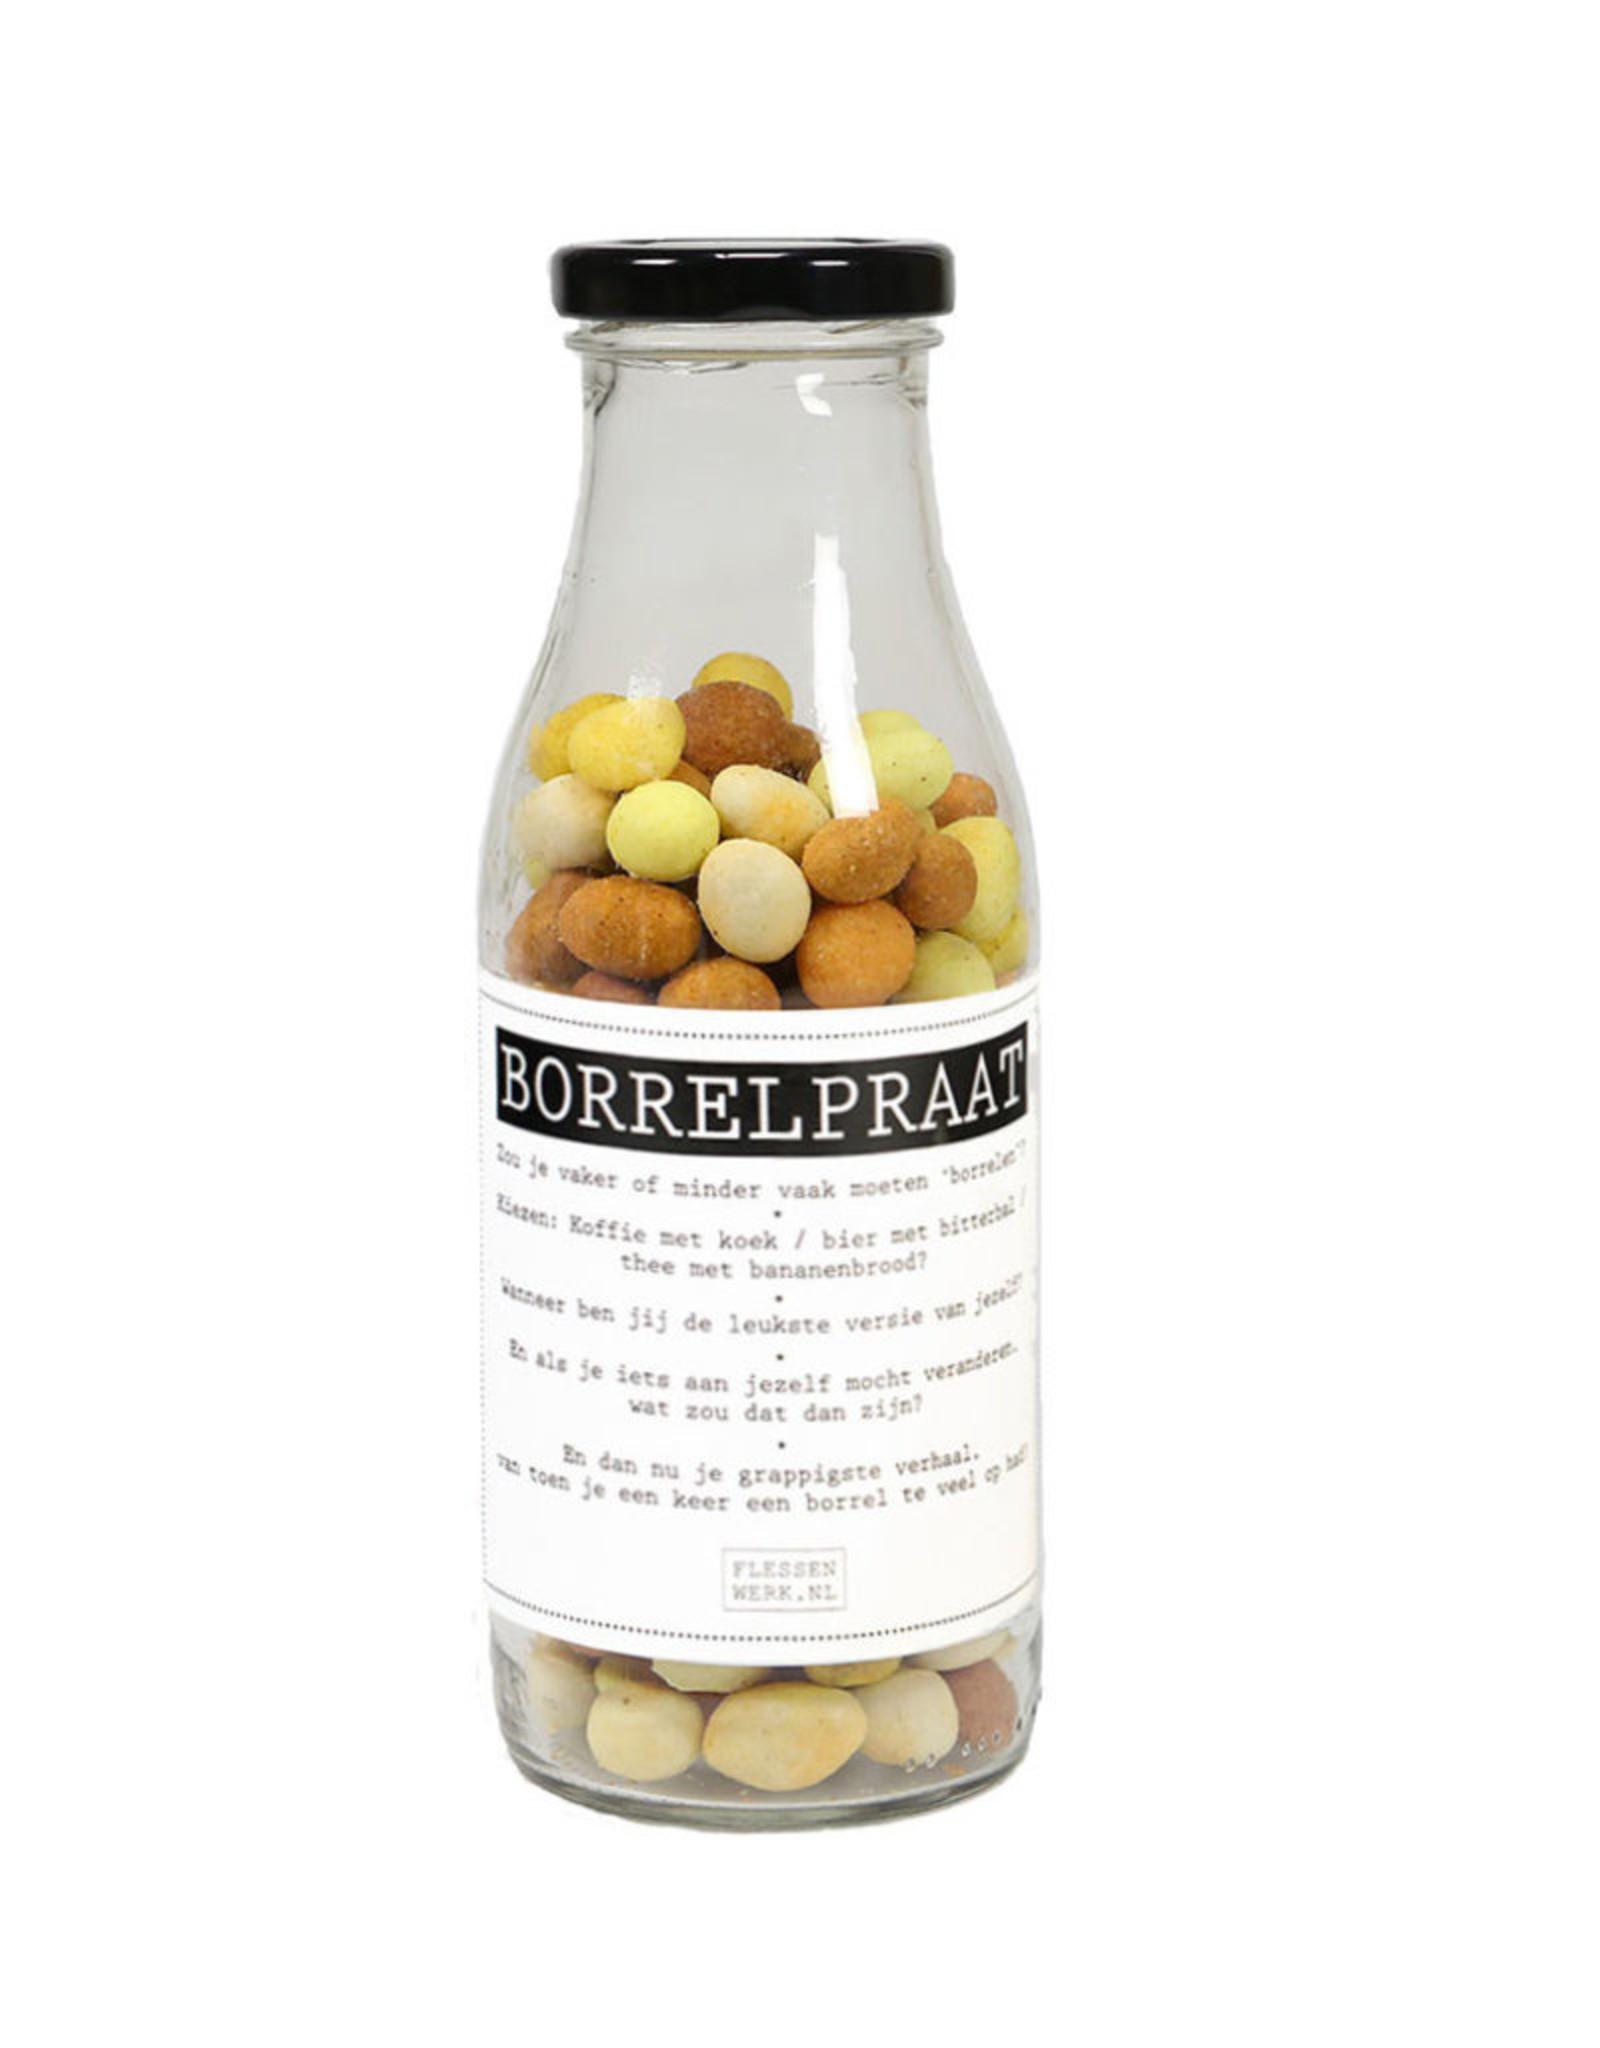 Borrelpraat - borrelnoten